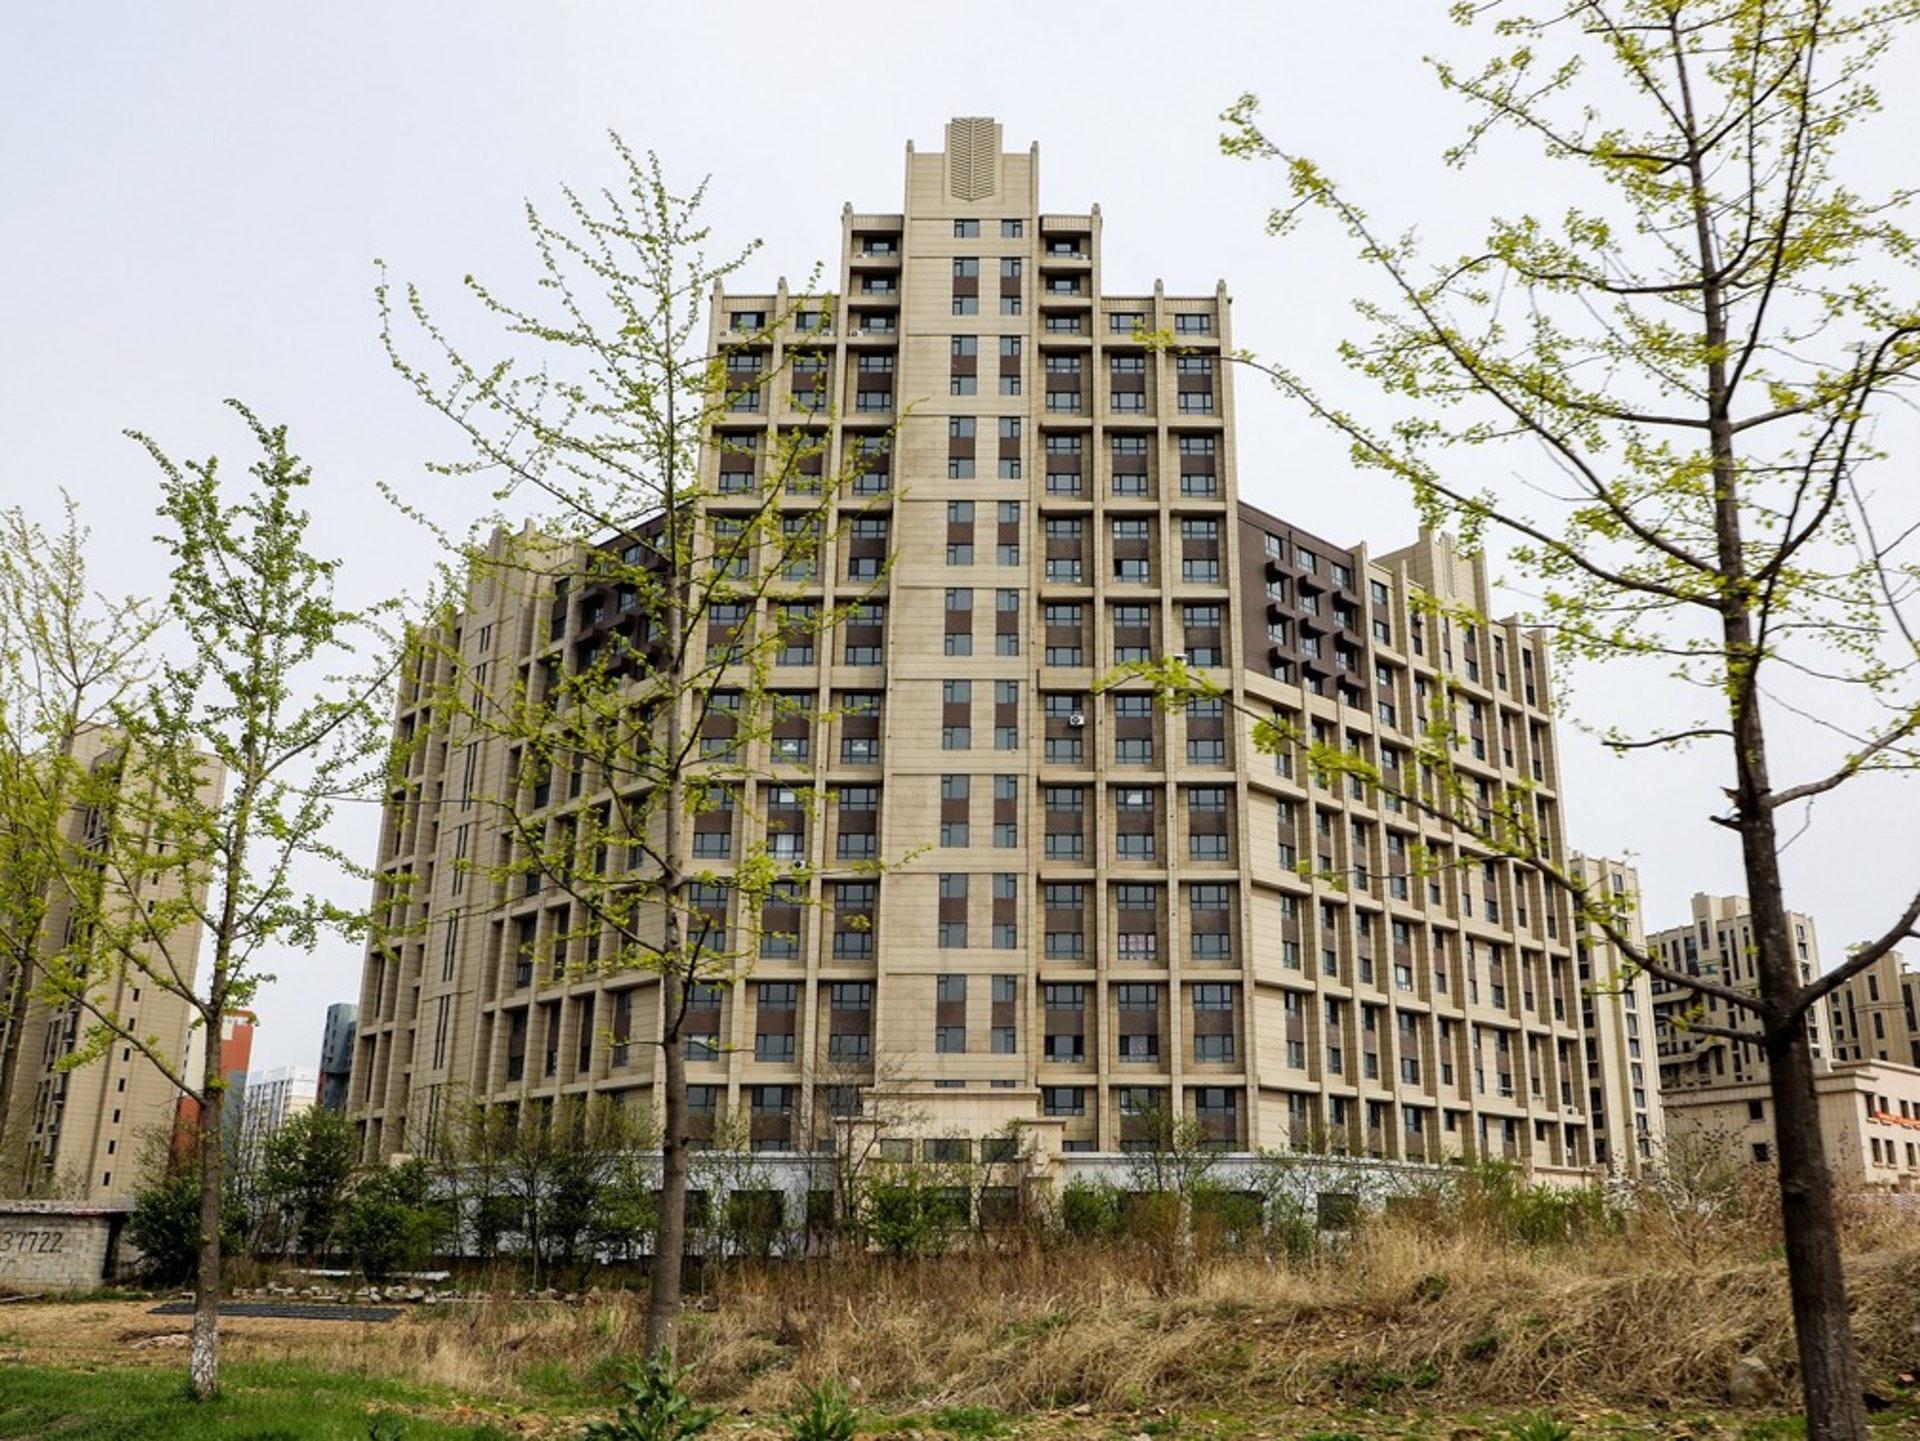 2018年5月12日,中國遼寧省丹東市的新區空置樓房。(視覺中國)